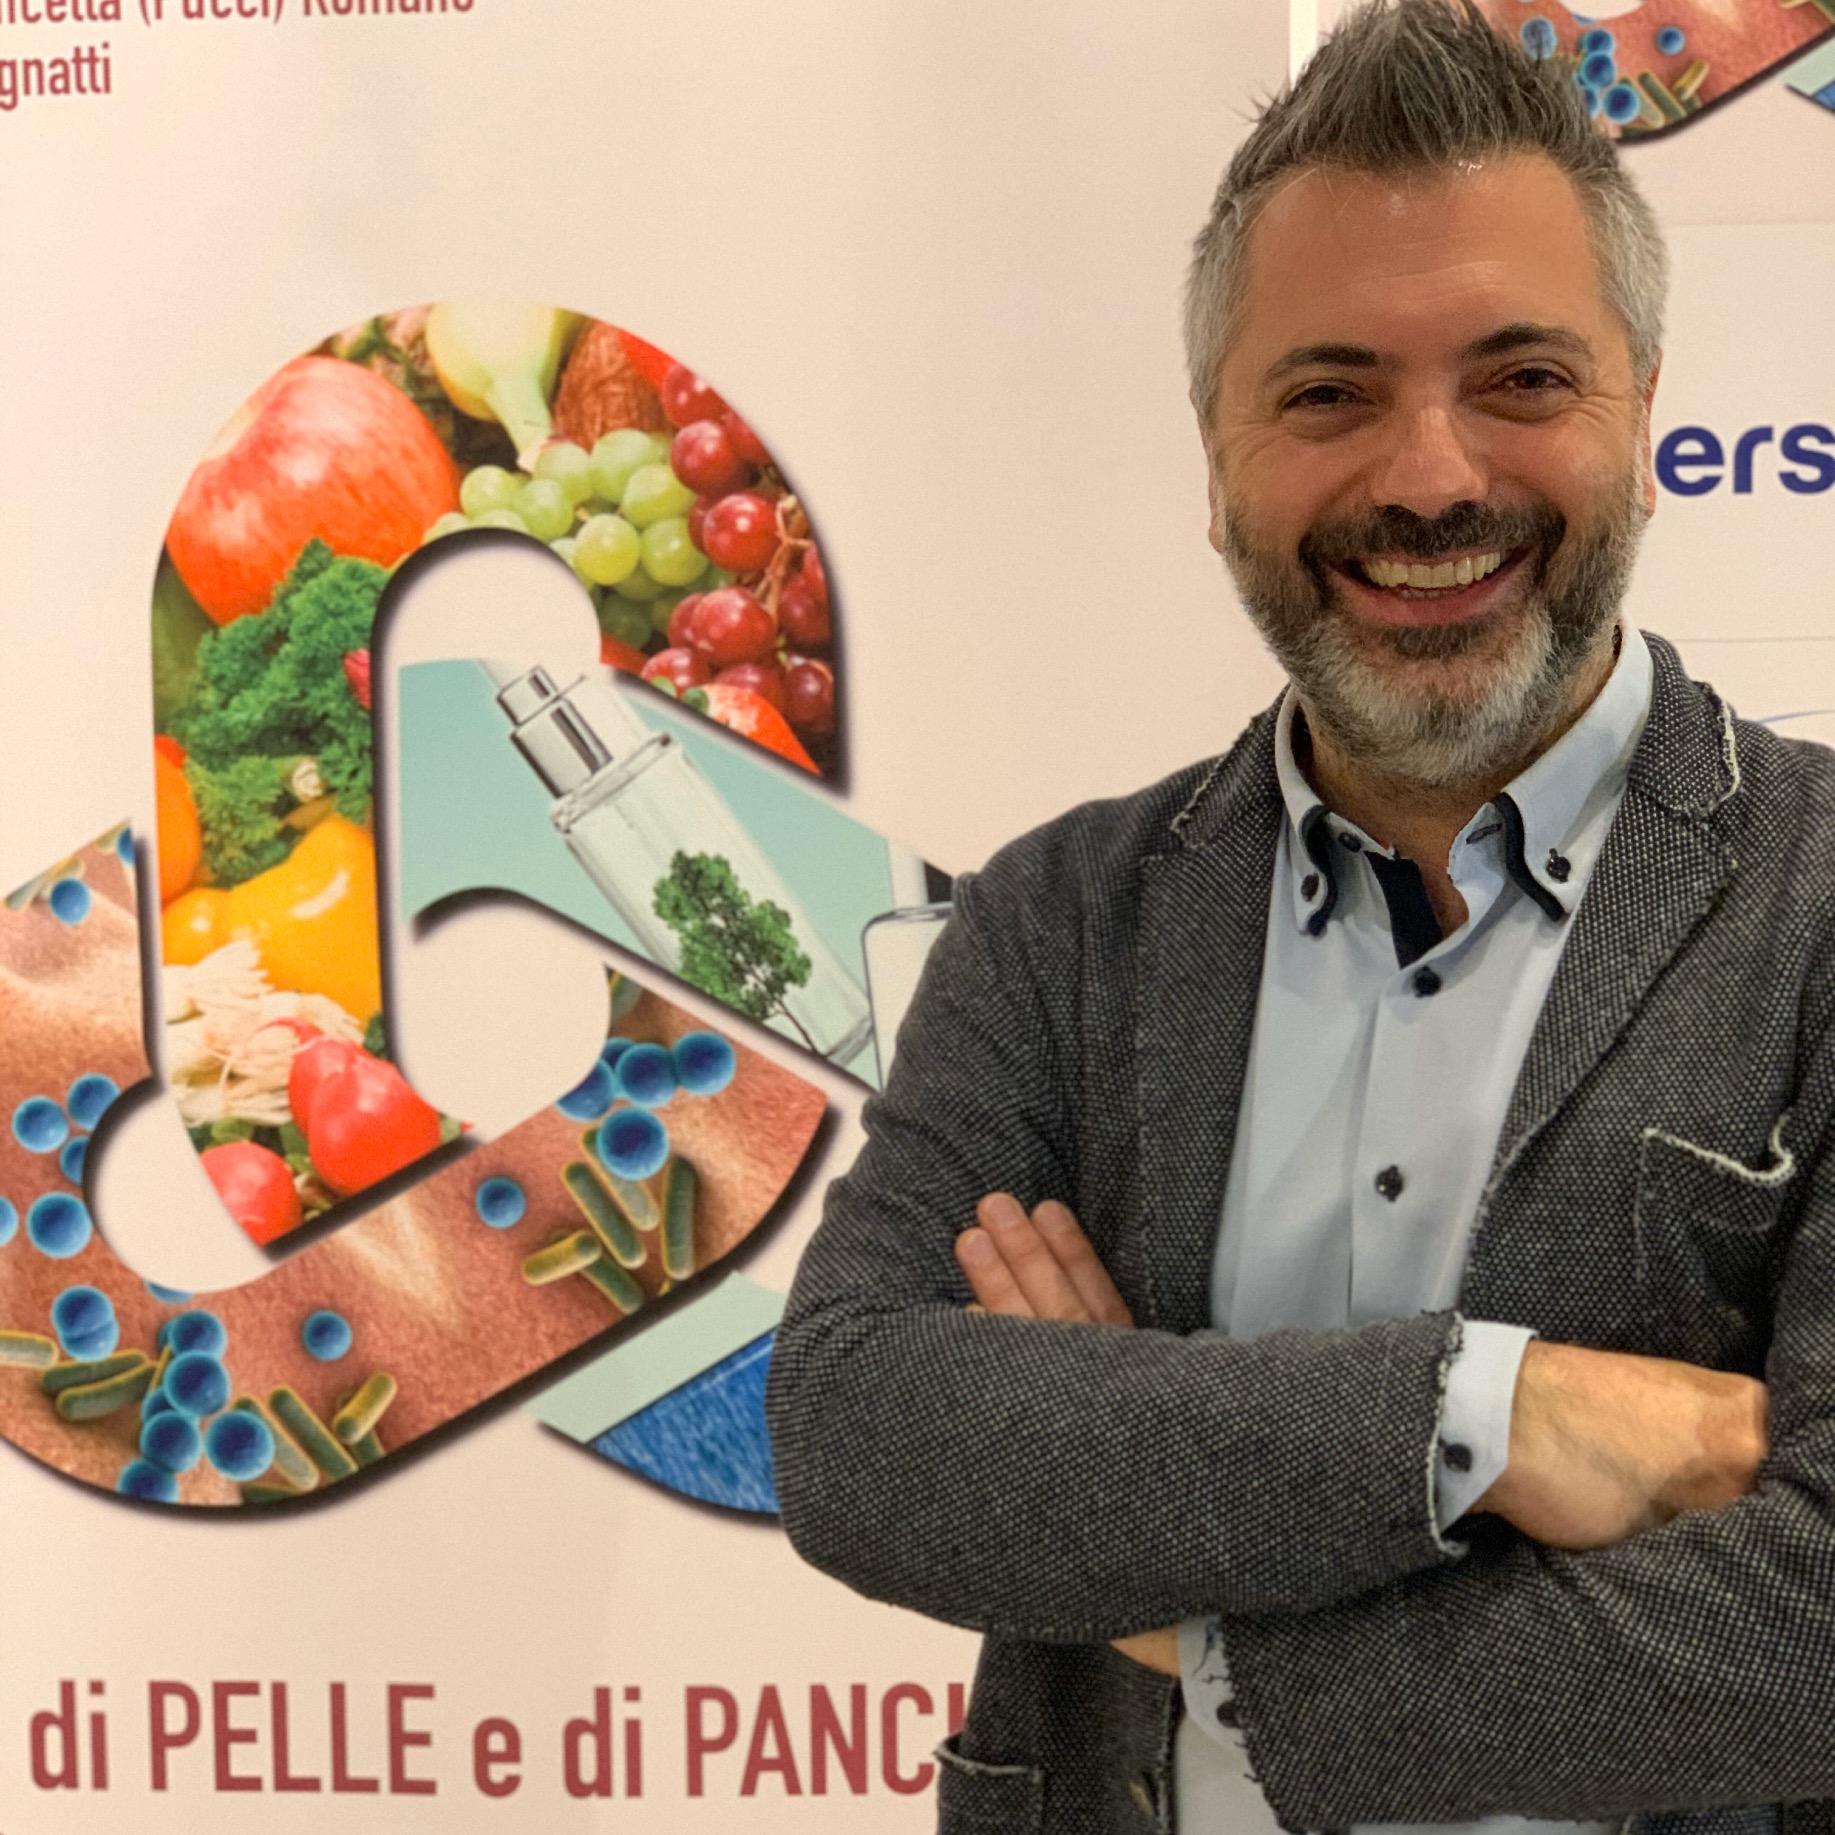 Marco Pignatti